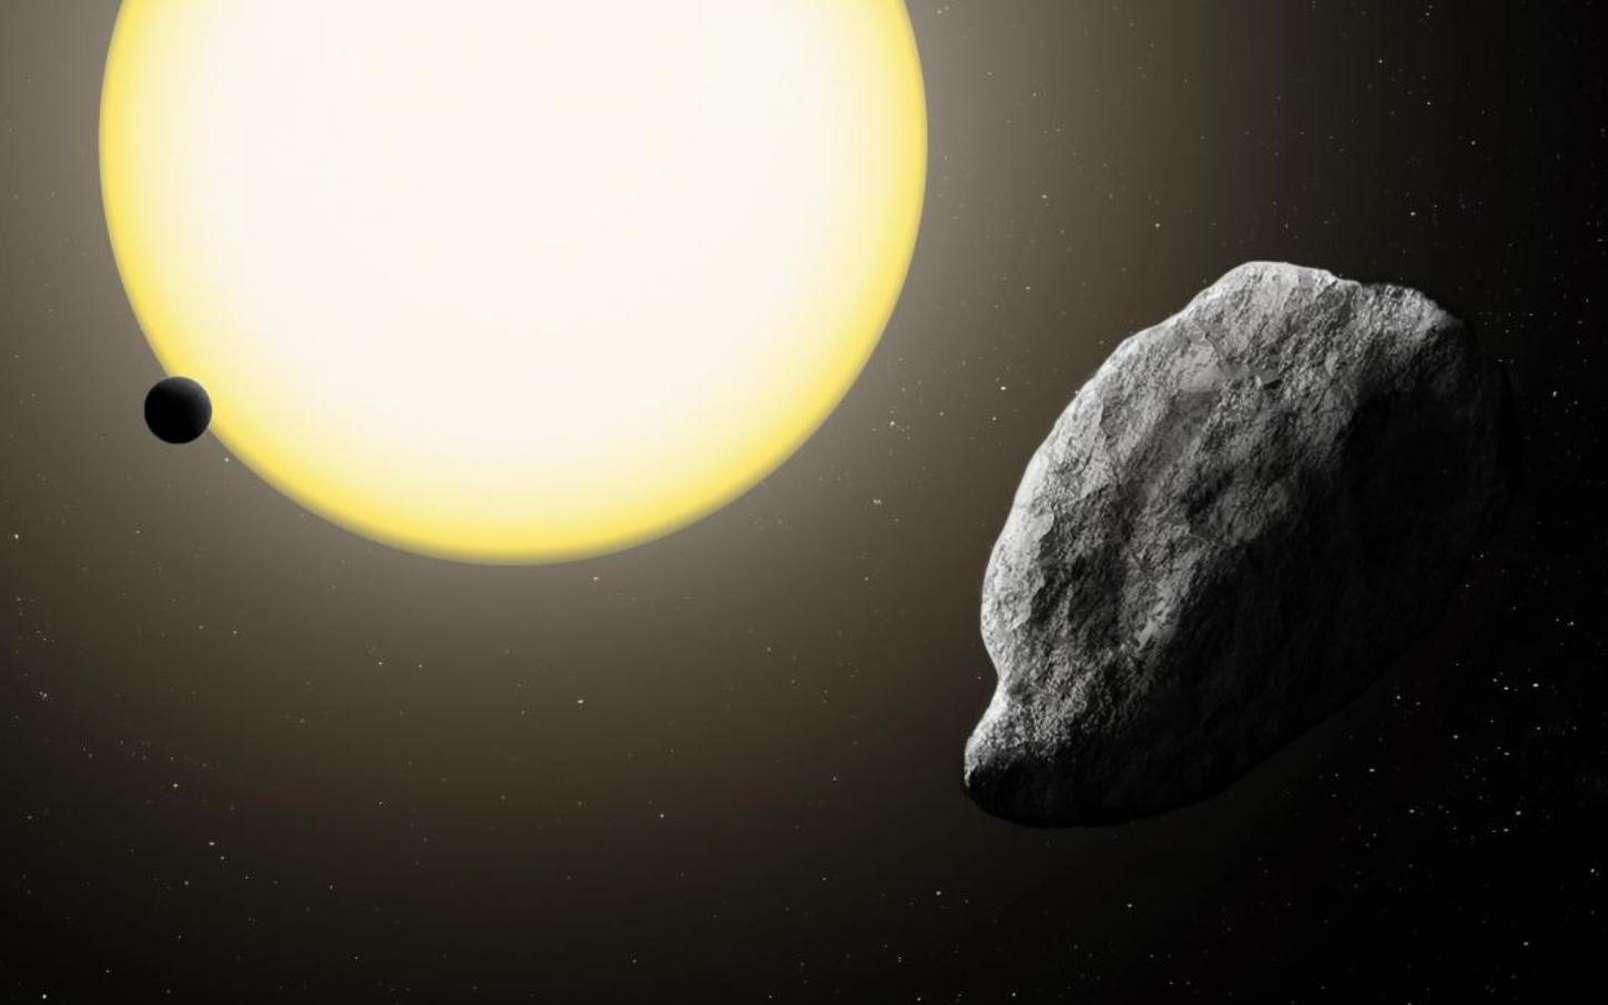 Une vue d'artiste de l'astéroïde 2021 PH27 proche de Mercure. © Katherine Cain Scott Sheppard, Carnegie Institution for Science